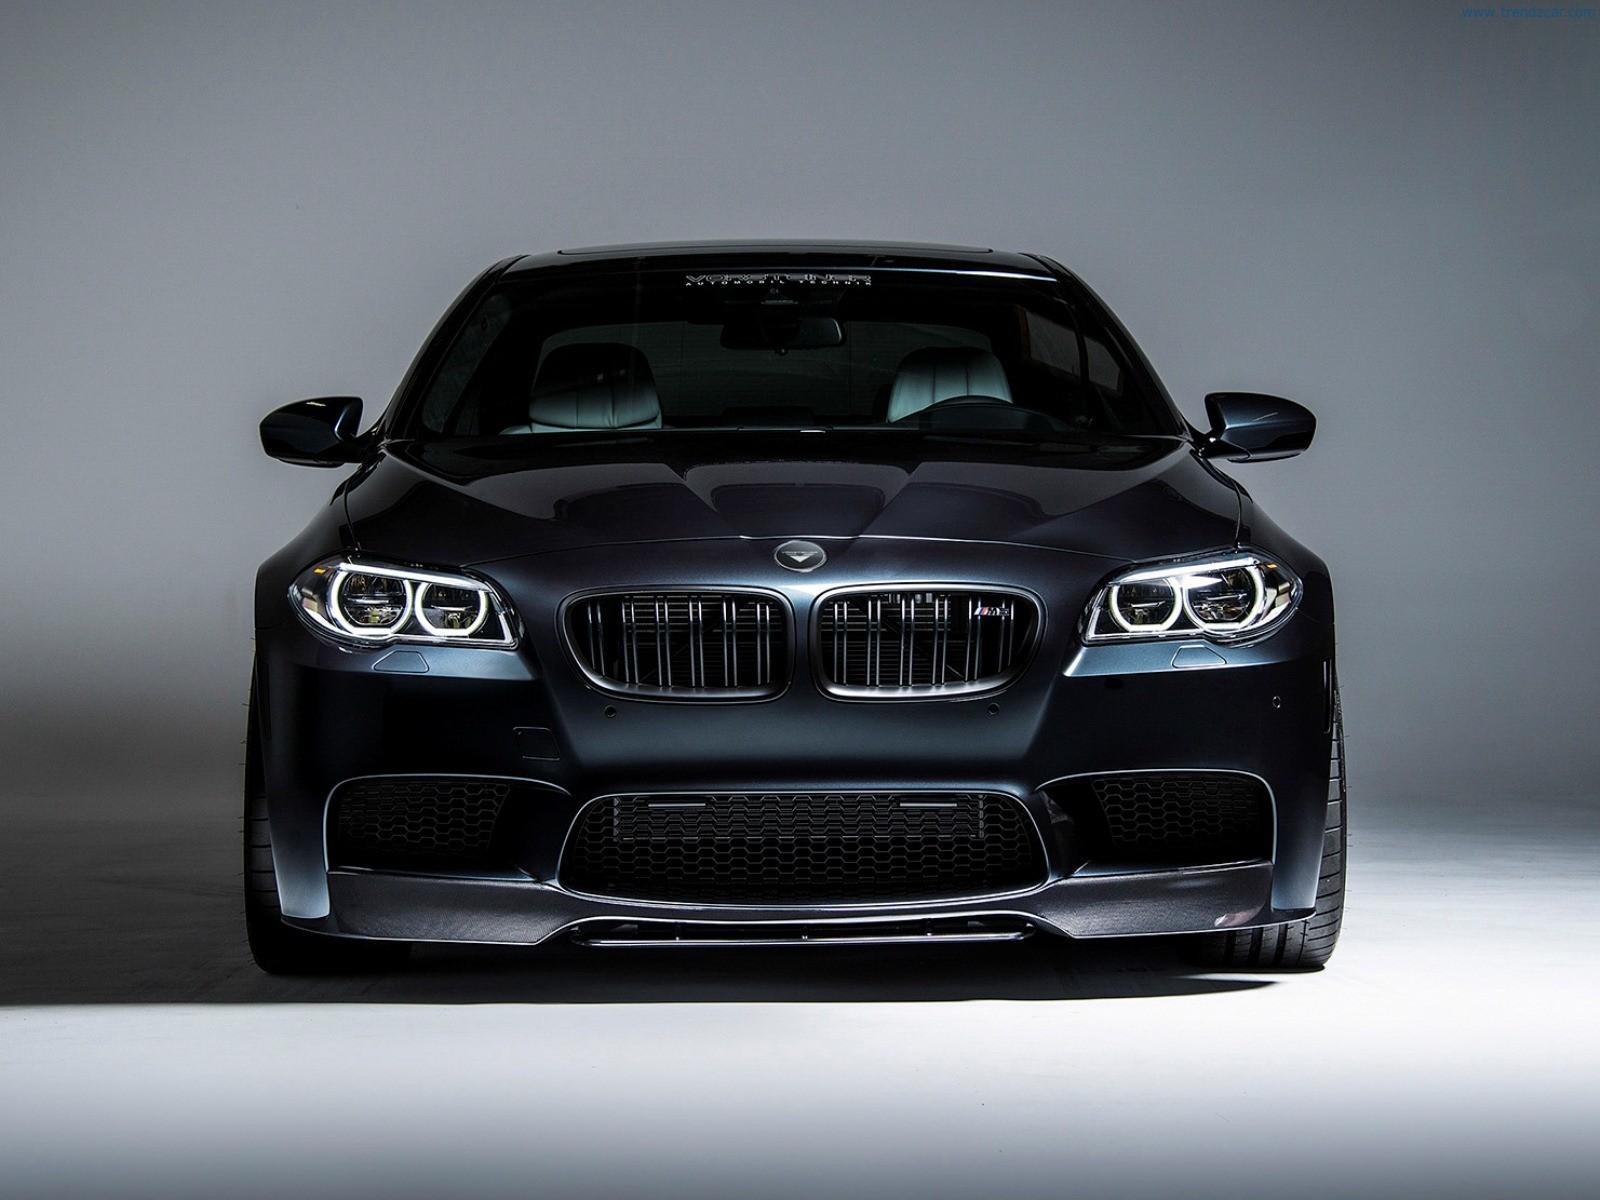 2014-Vorsteiner-BMW-F10-M5-Front